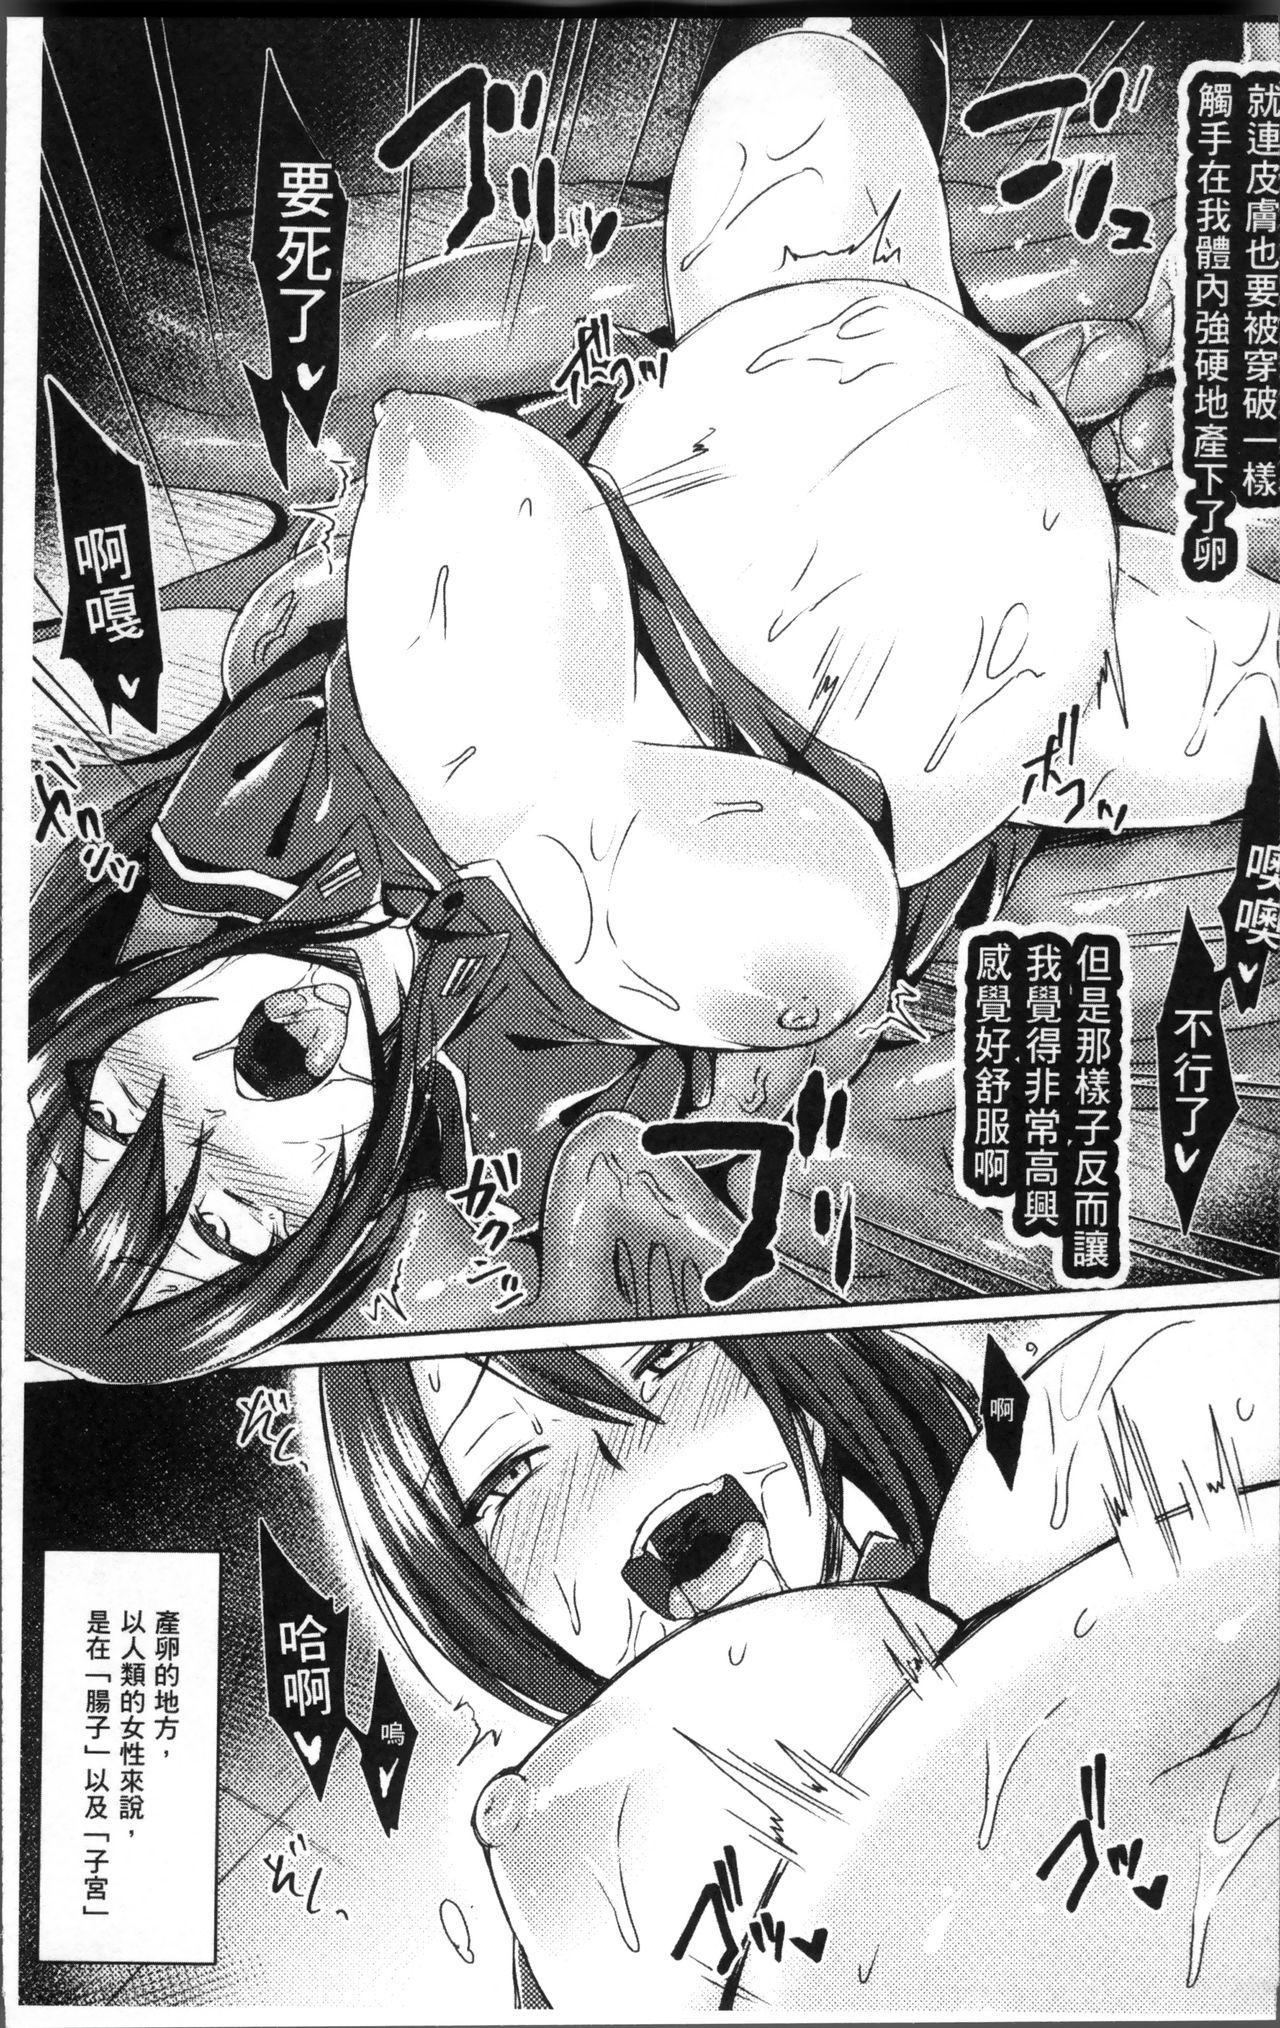 Bessatsu Comic Unreal Ningen Bokujou Hen 4 102